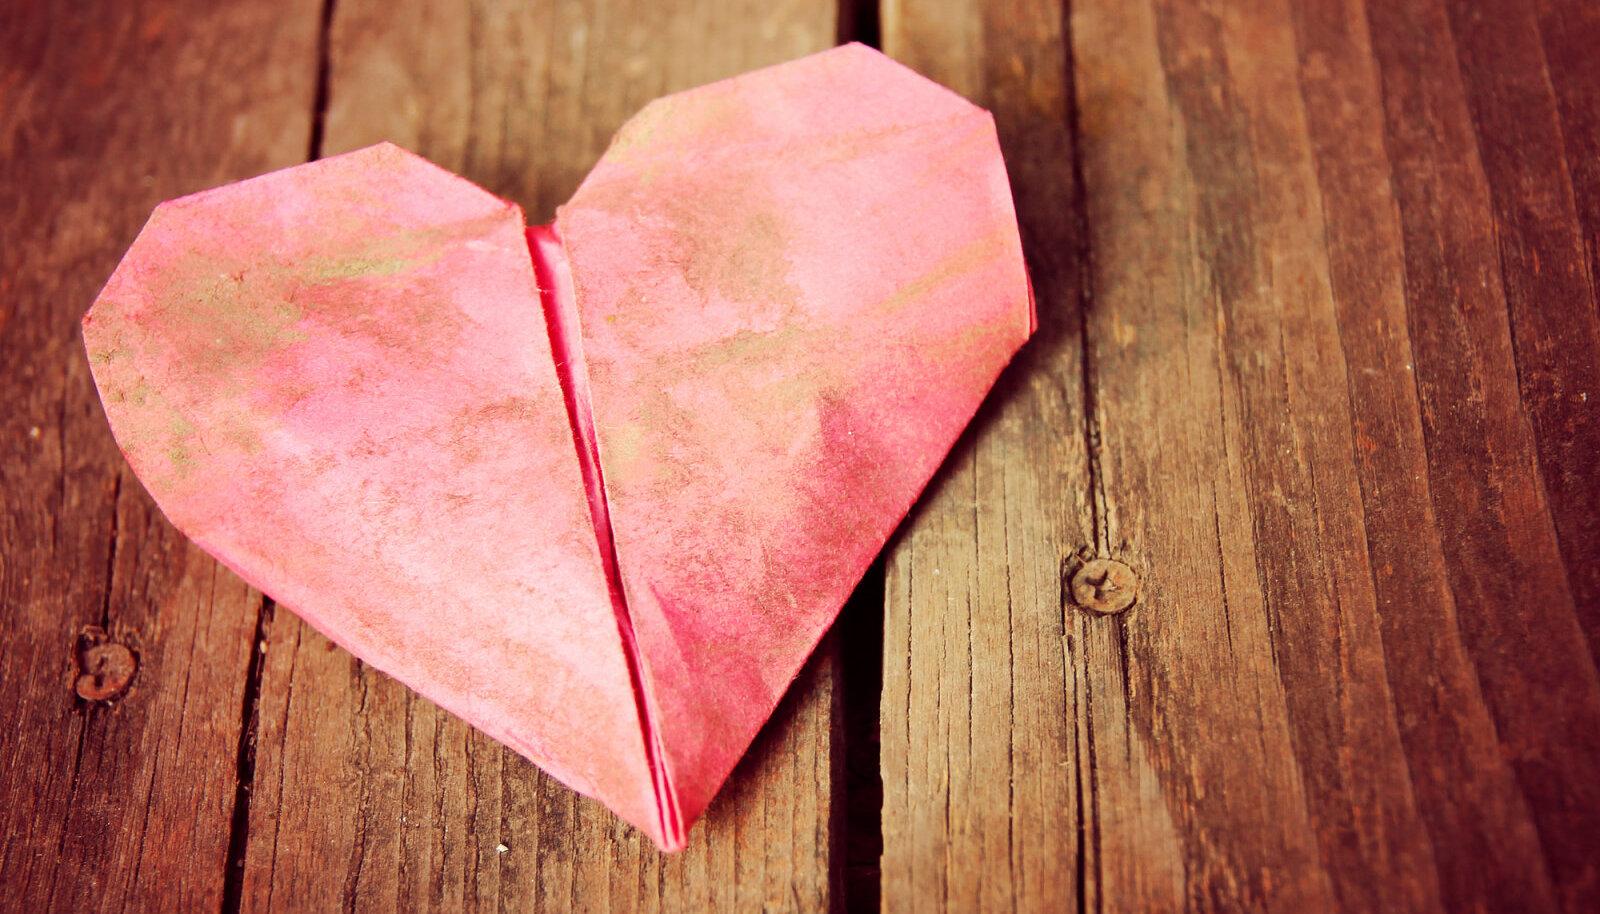 Vastamata armastus võib murda südame...